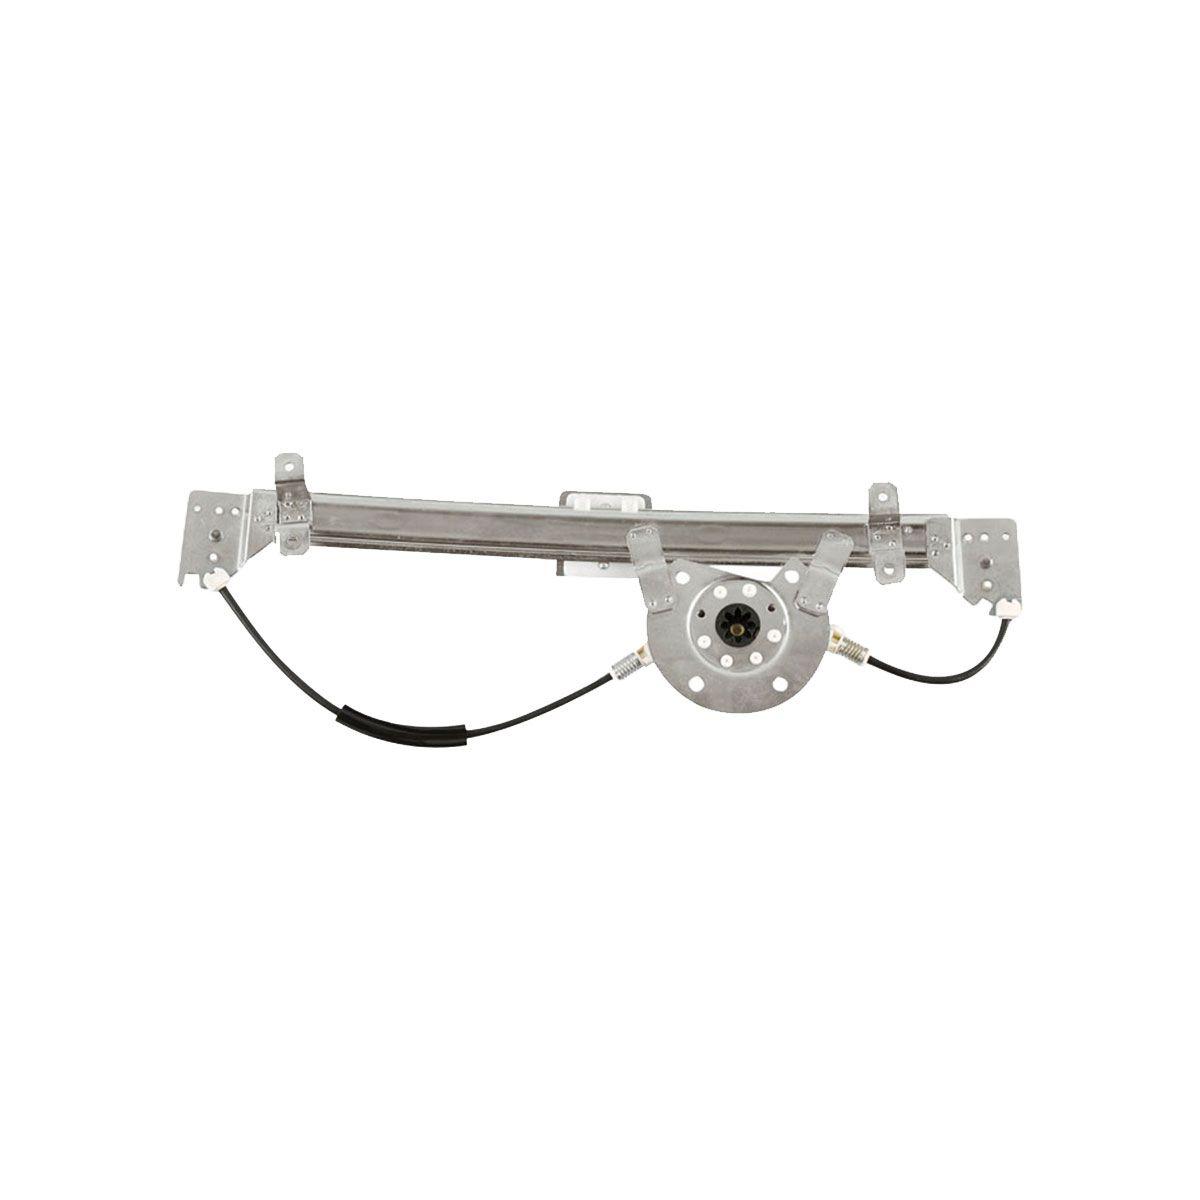 Máquina Vidro Elétrica Corsa 2002 até 2012 Fixação Mabuchi Traseira